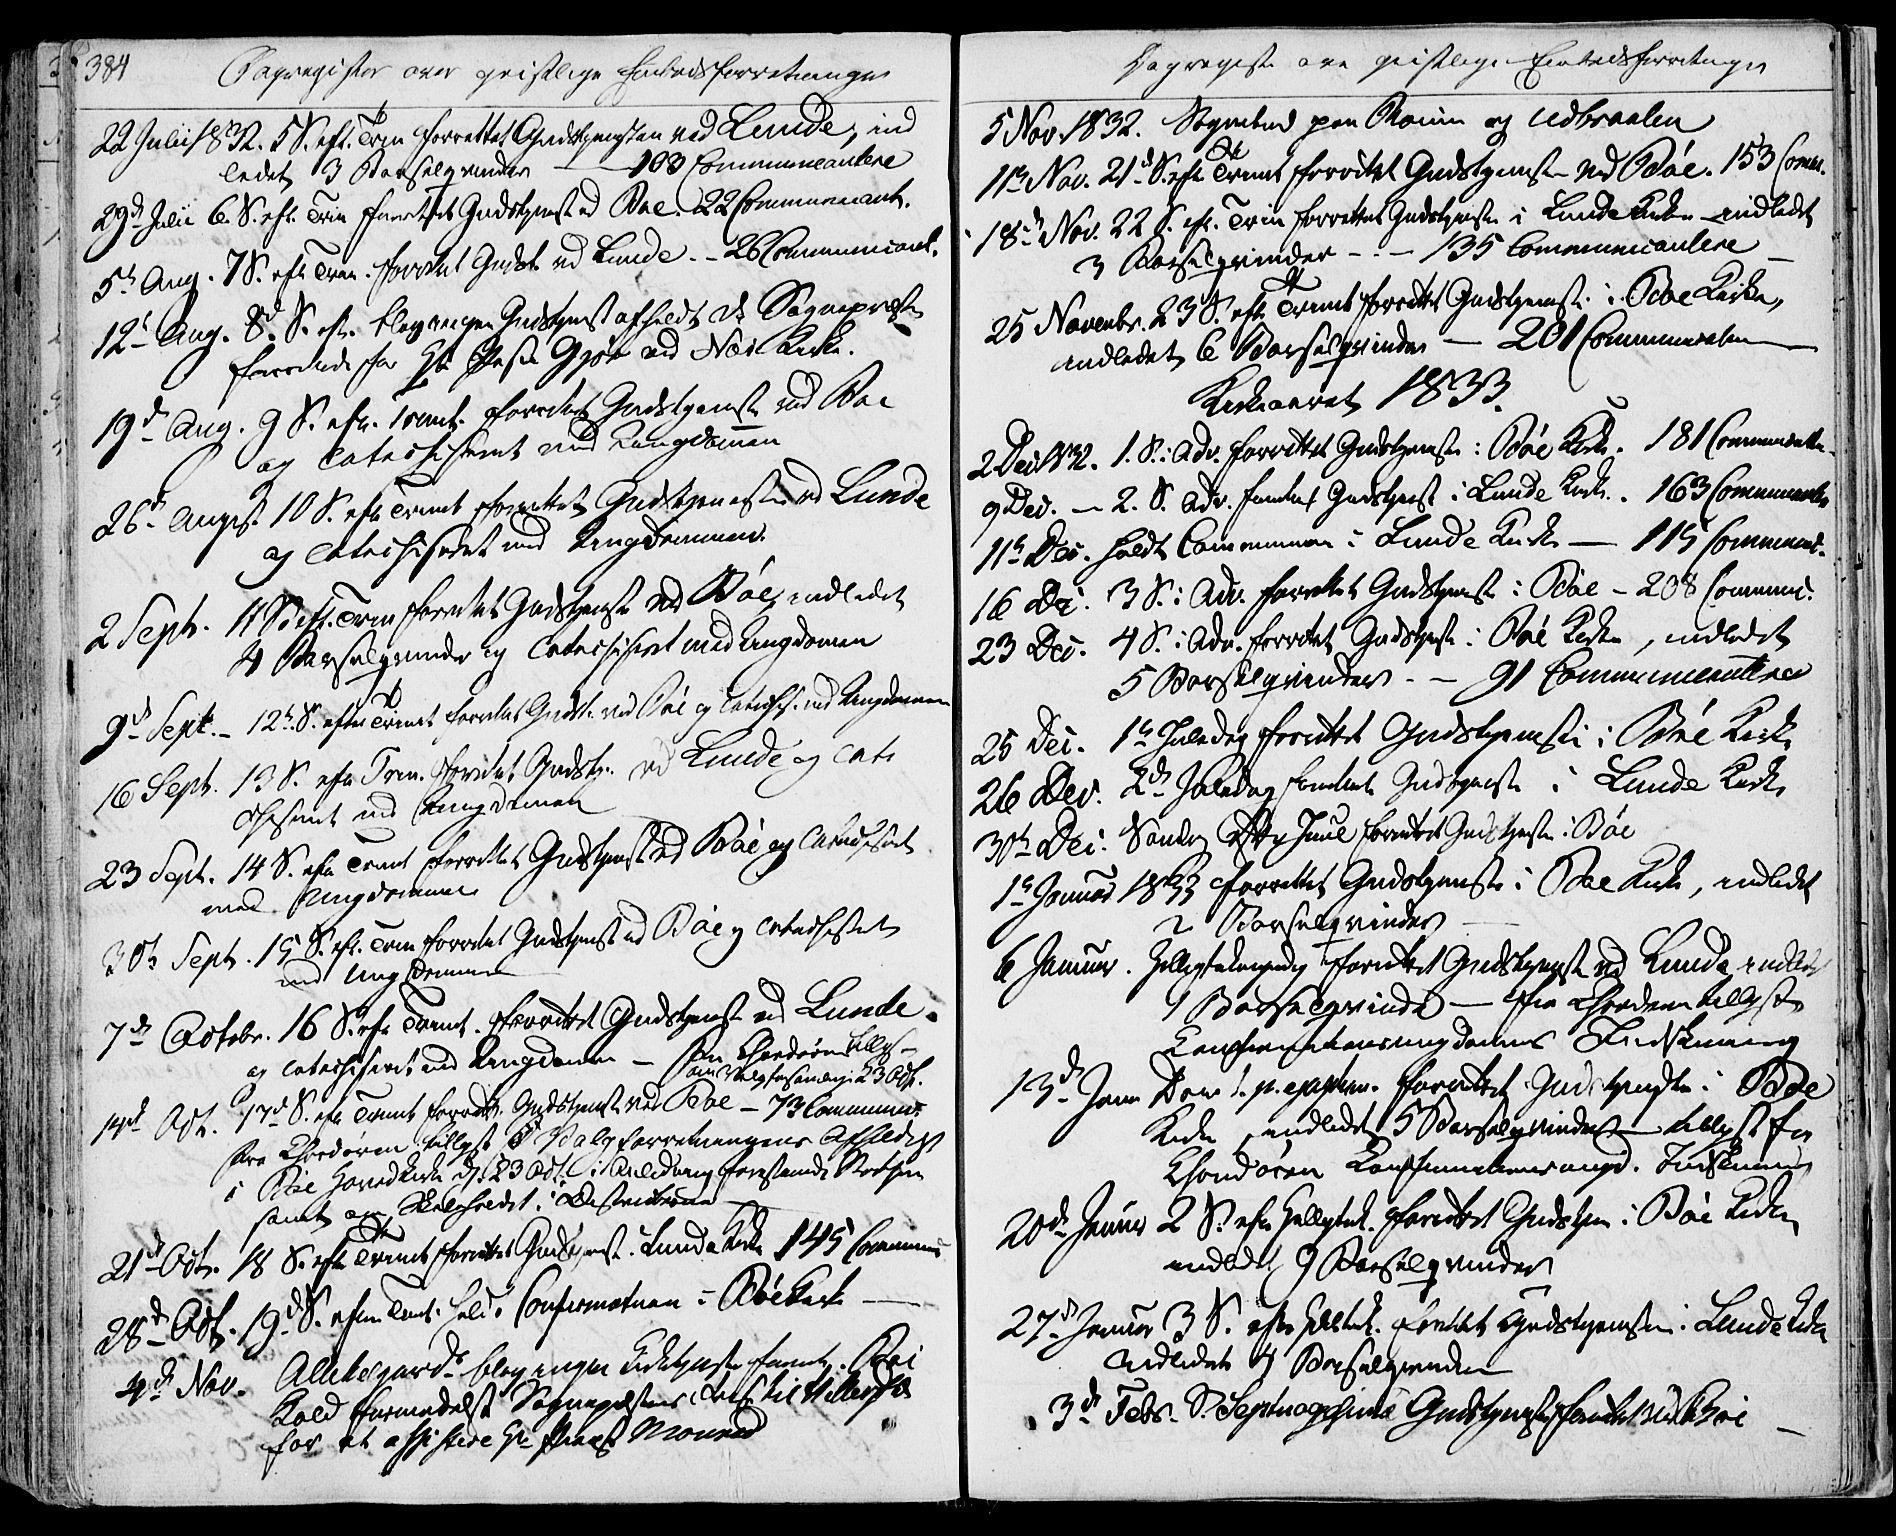 SAKO, Bø kirkebøker, F/Fa/L0007: Ministerialbok nr. 7, 1831-1848, s. 384